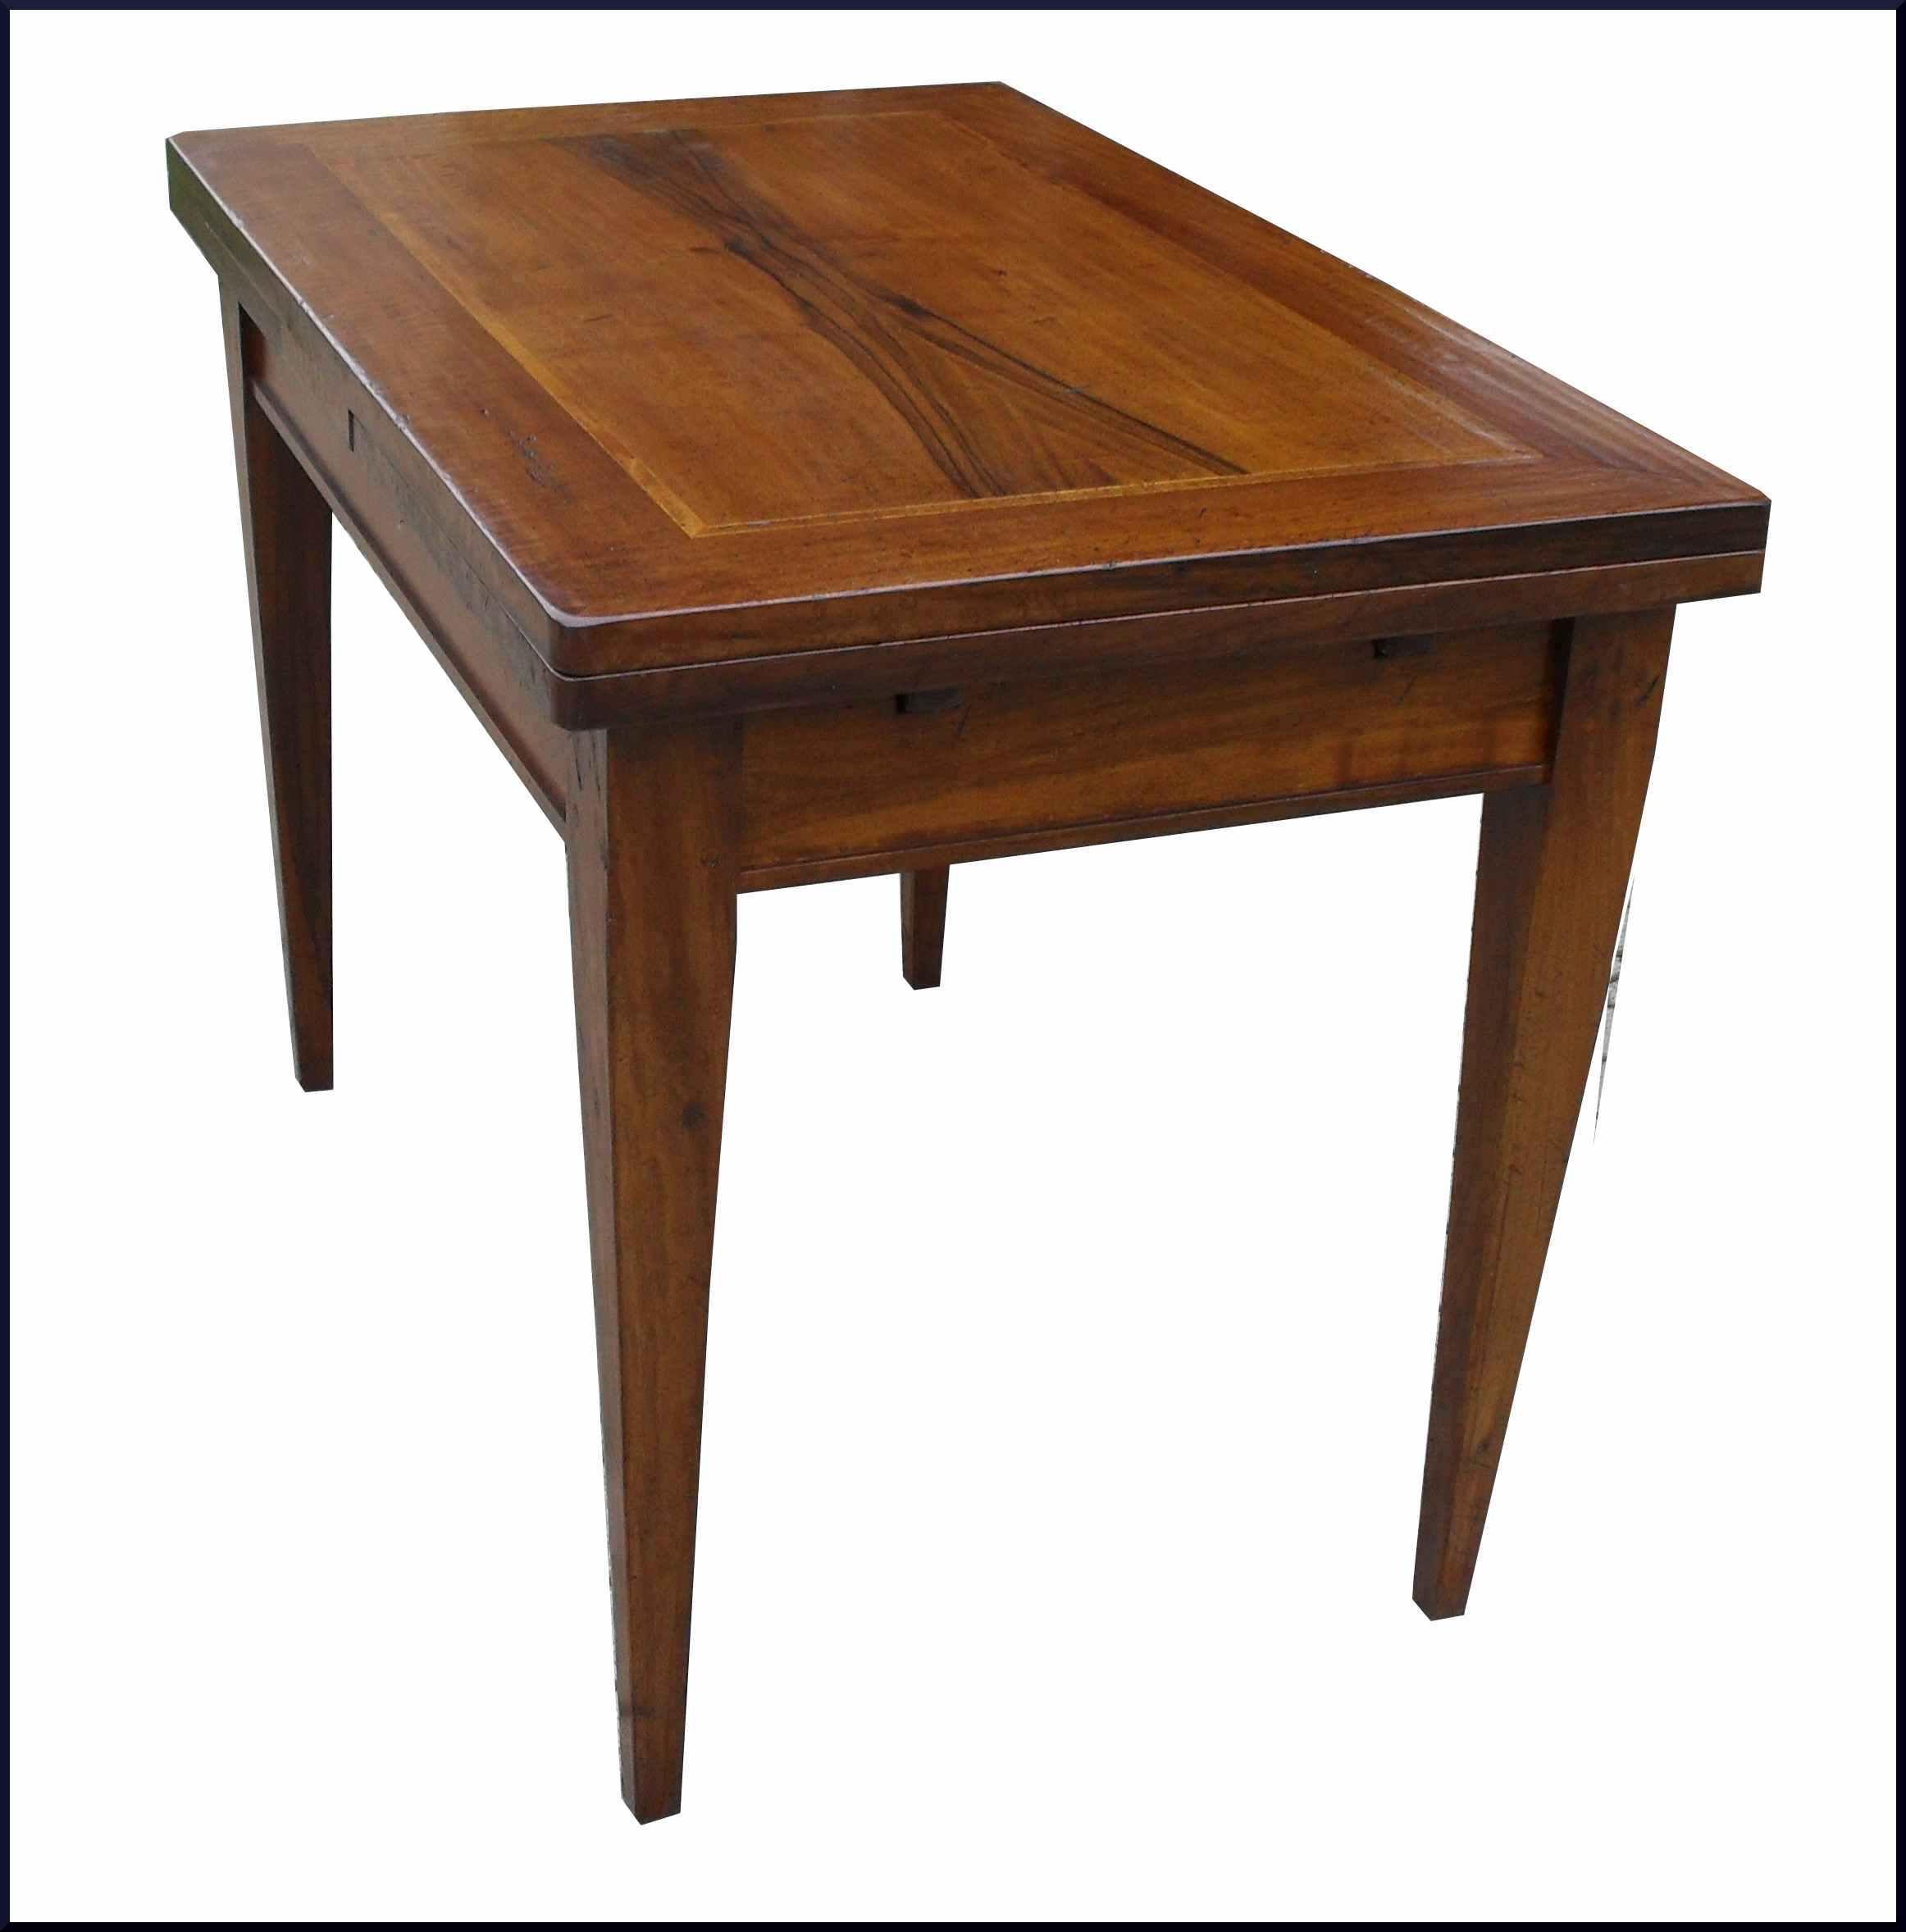 Tavolo a tiro in legno anticato profondita' 70